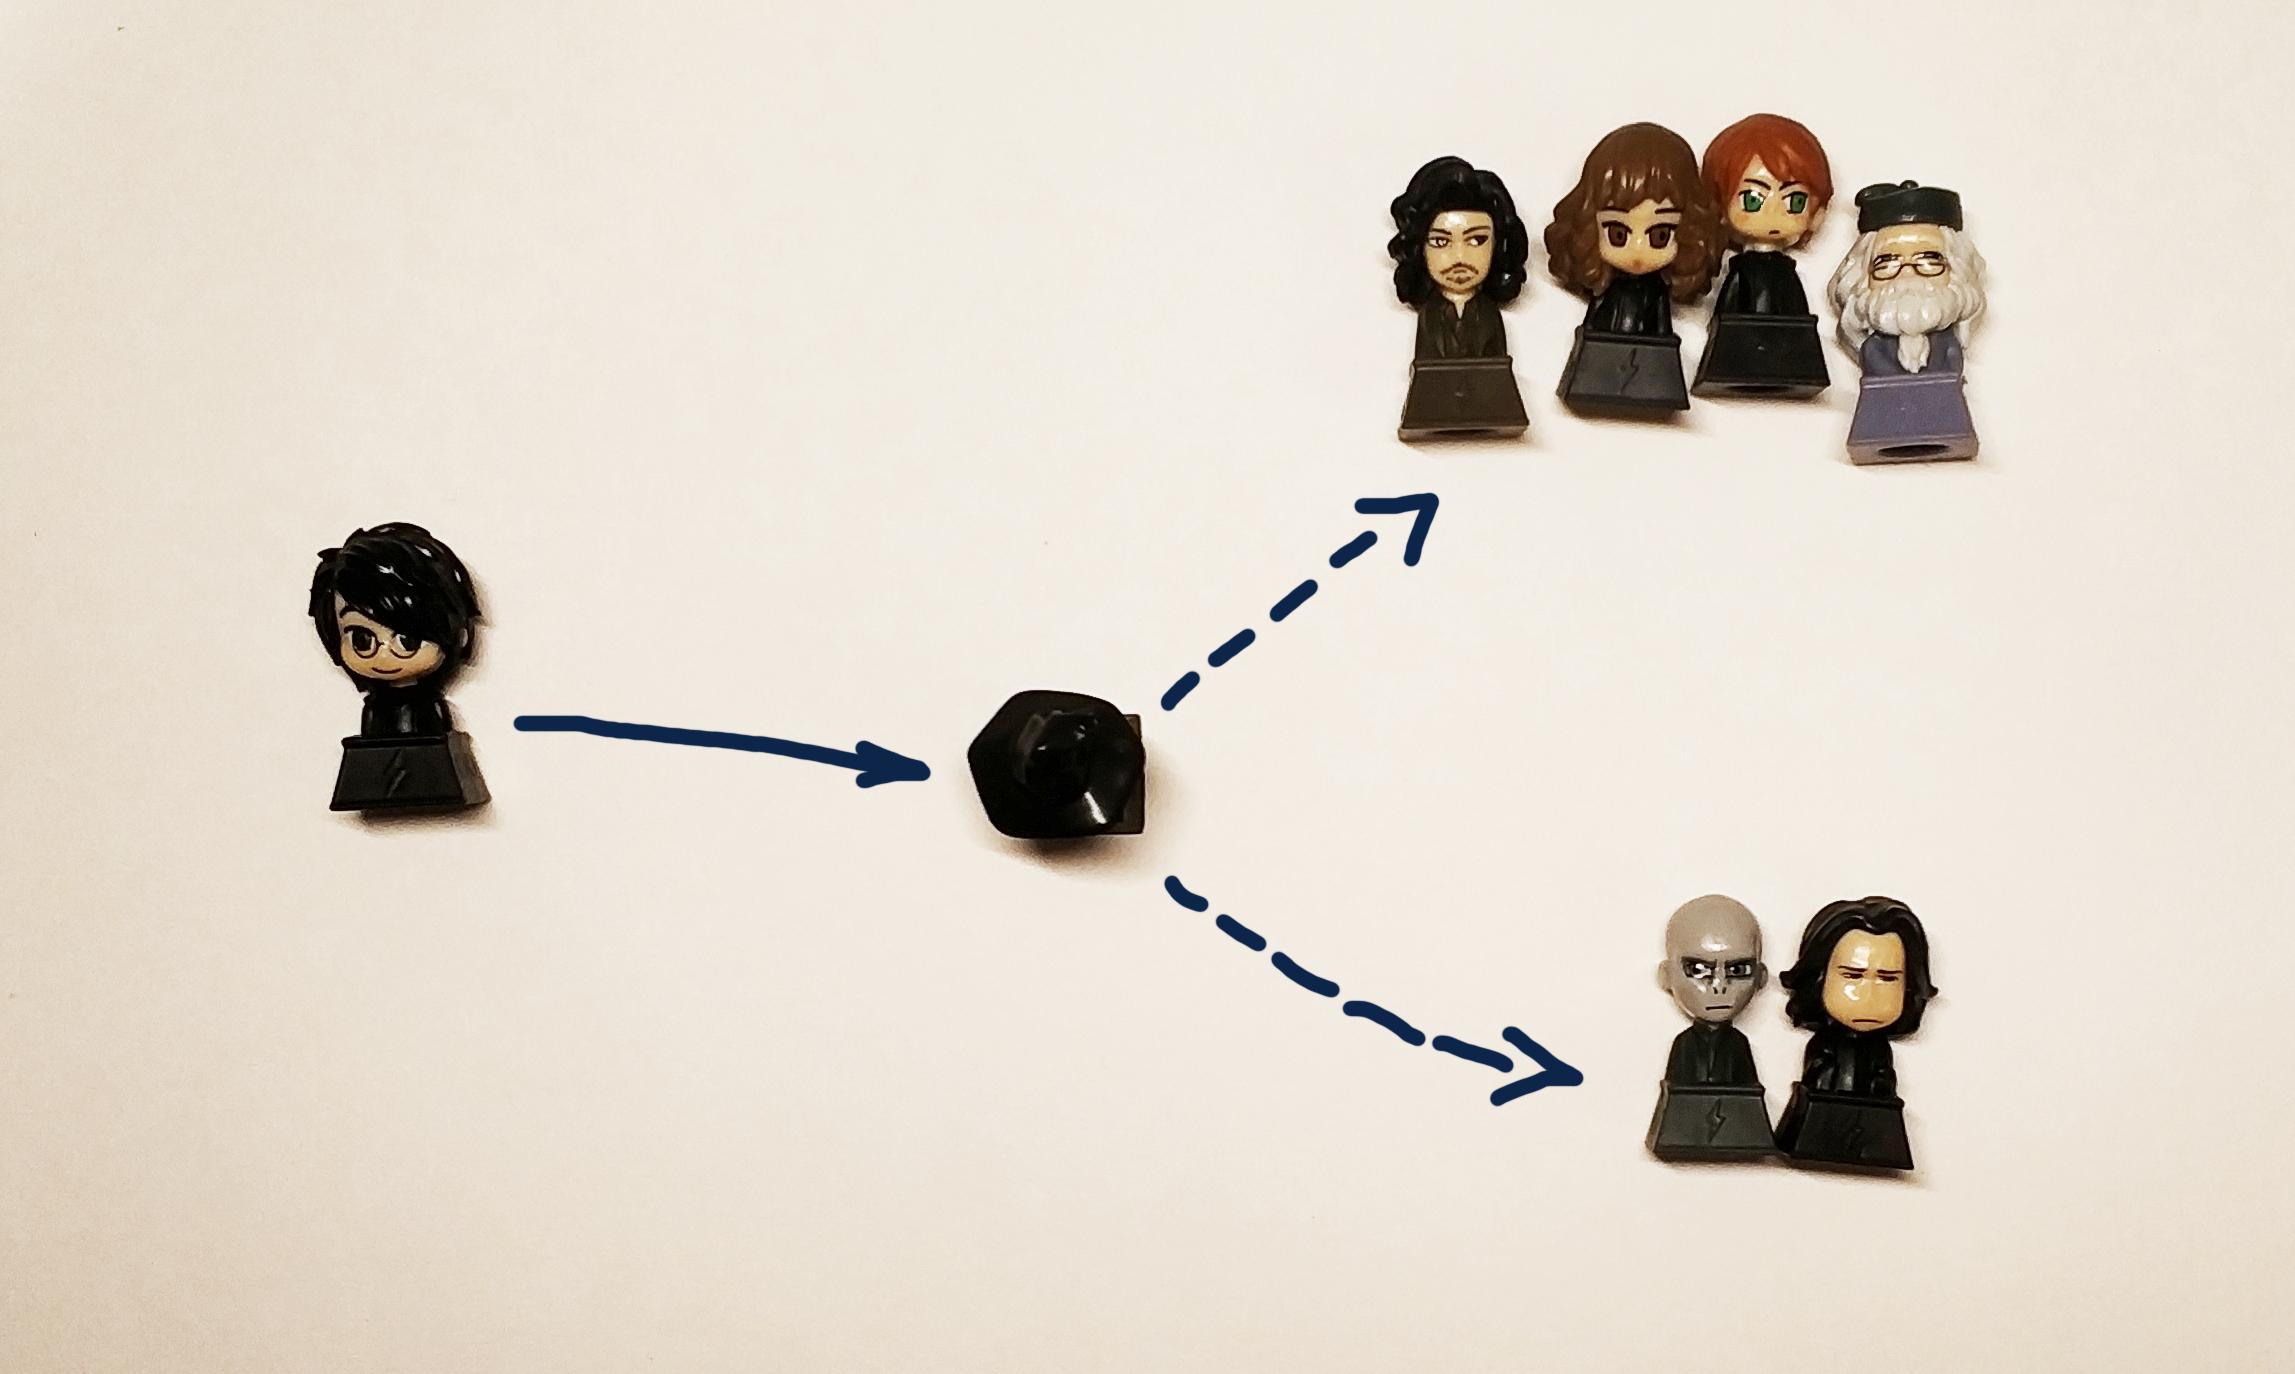 Data Science проект от исследования до внедрения на примере Говорящей шляпы